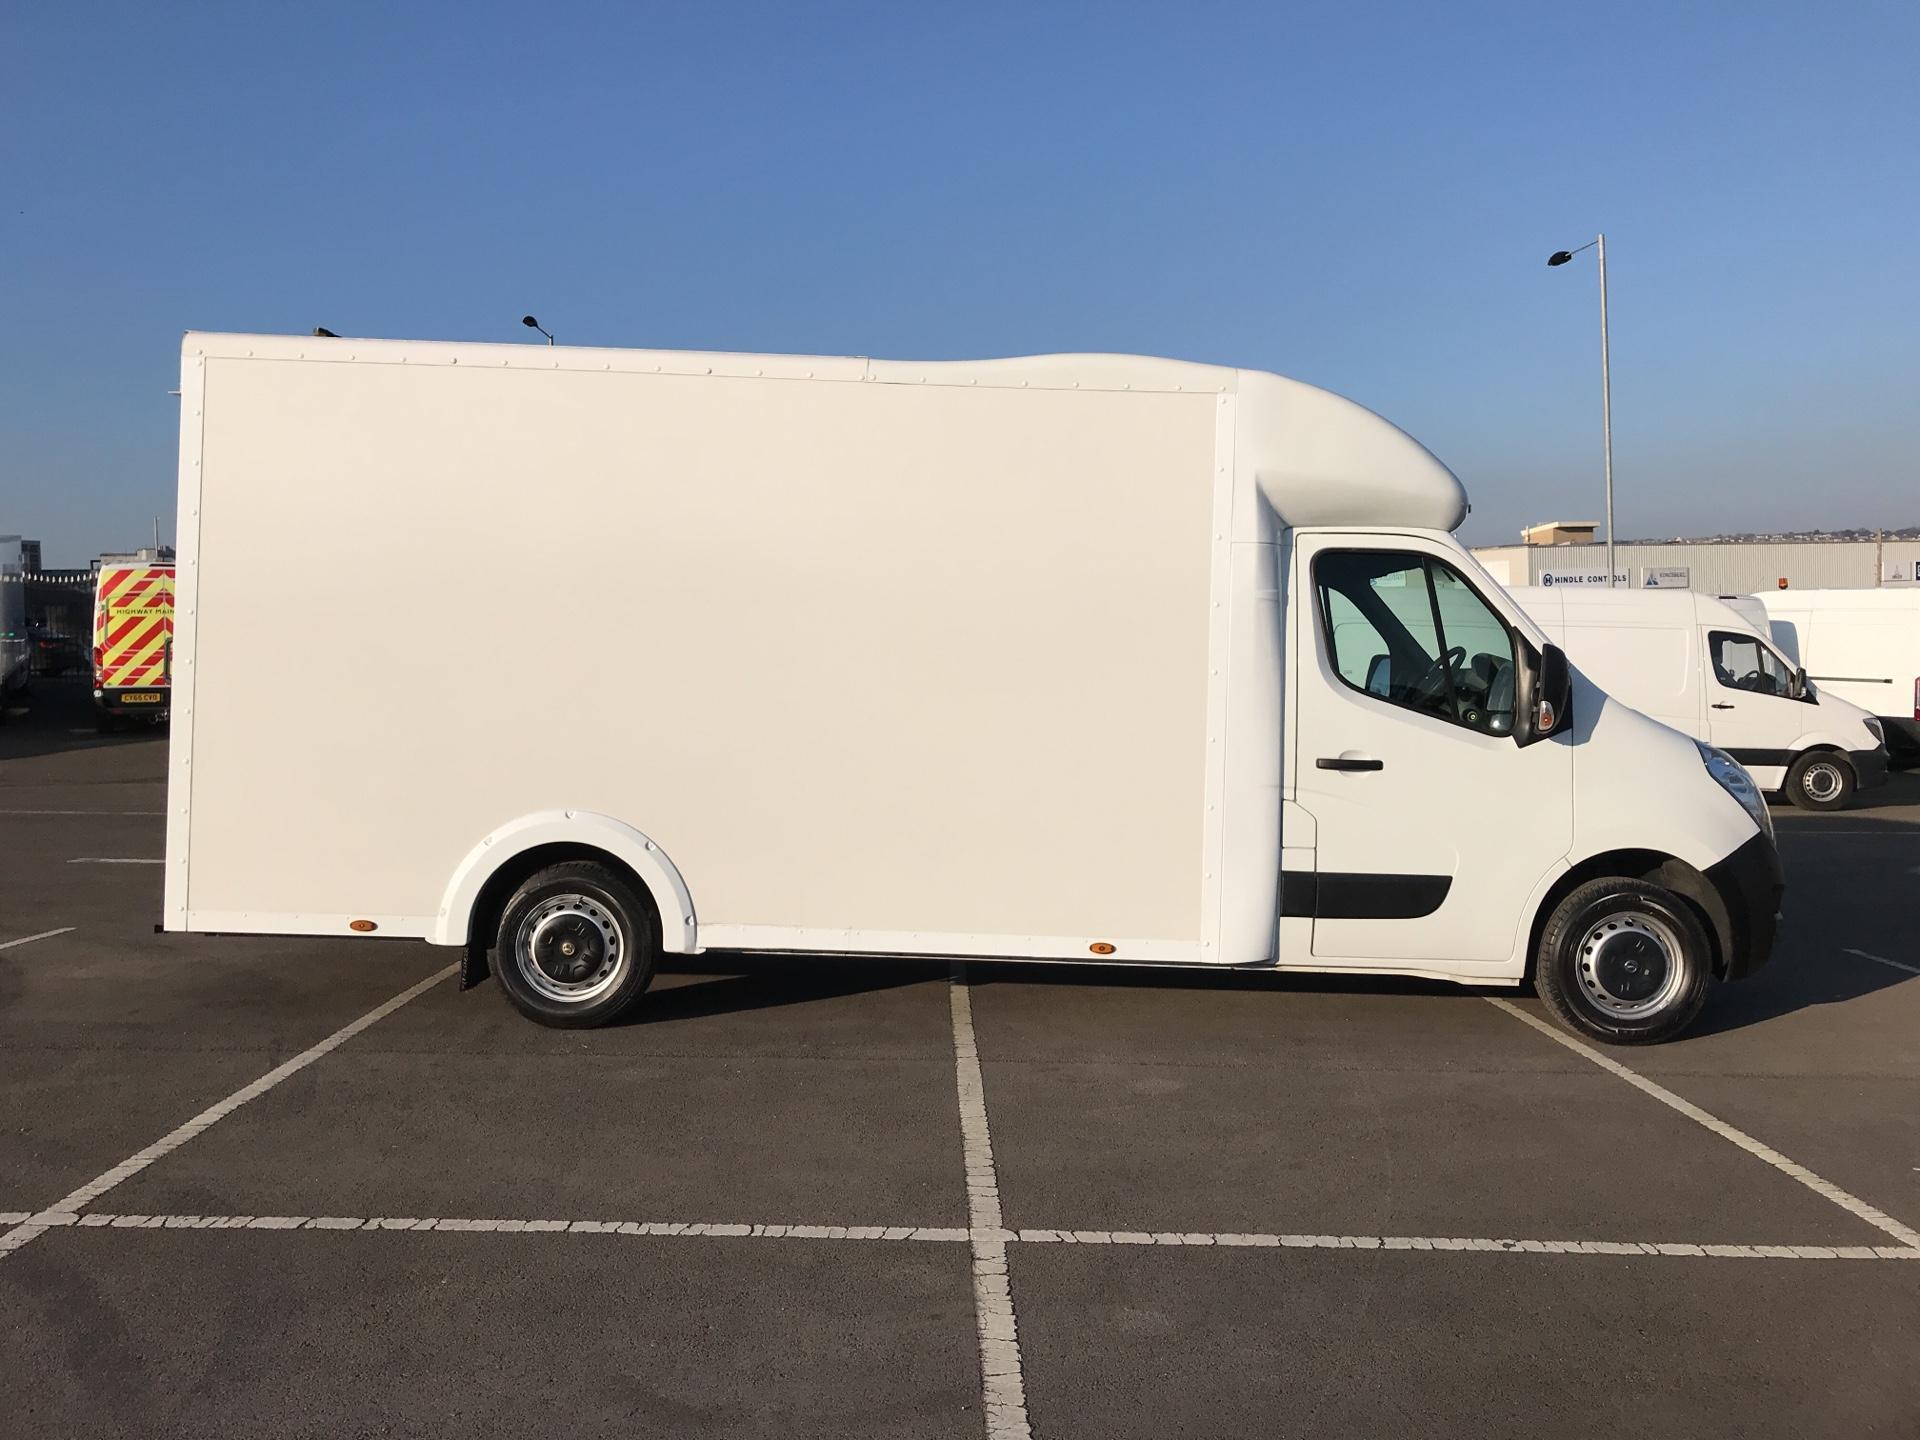 2016 Vauxhall Movano 2.3 Cdti LWB LO Loader Luton Box Van Euro 6  (DU66TBV) Image 2